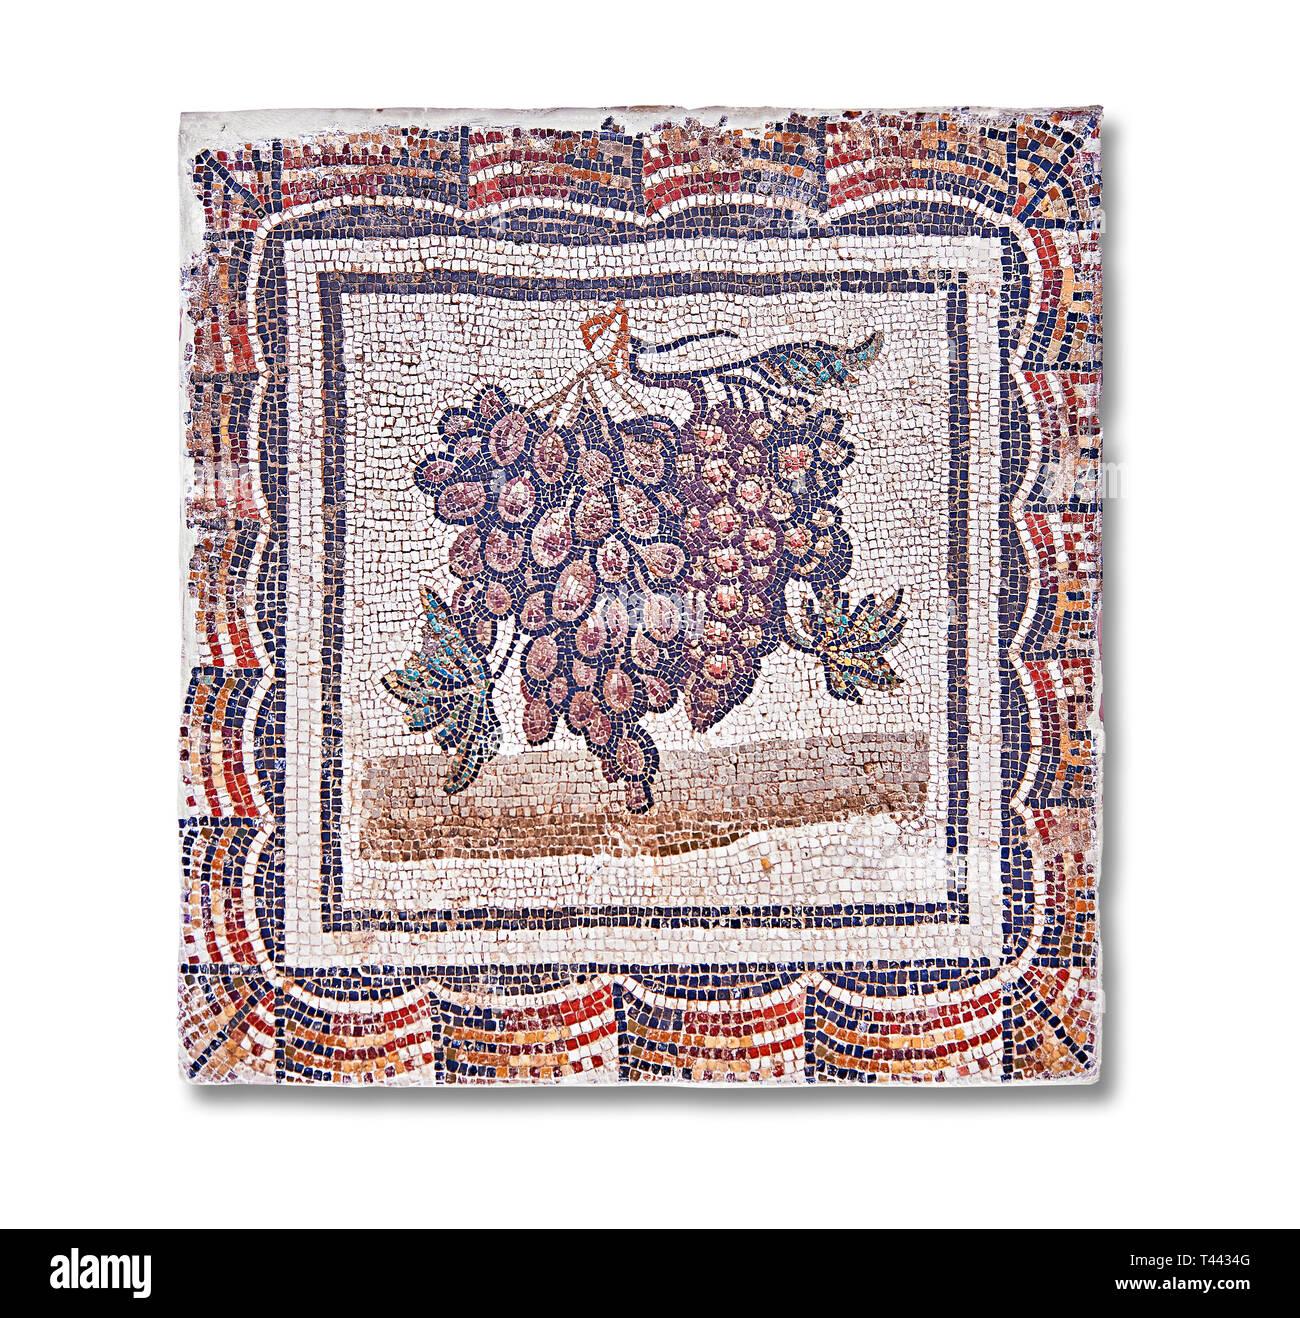 Iii secolo mosaico romano del pannello nero e uva bianca. Da Thysdrus (El Jem), Tunisia. Il Museo di Bardo, Tunisi, Tunisia. Immagini Stock